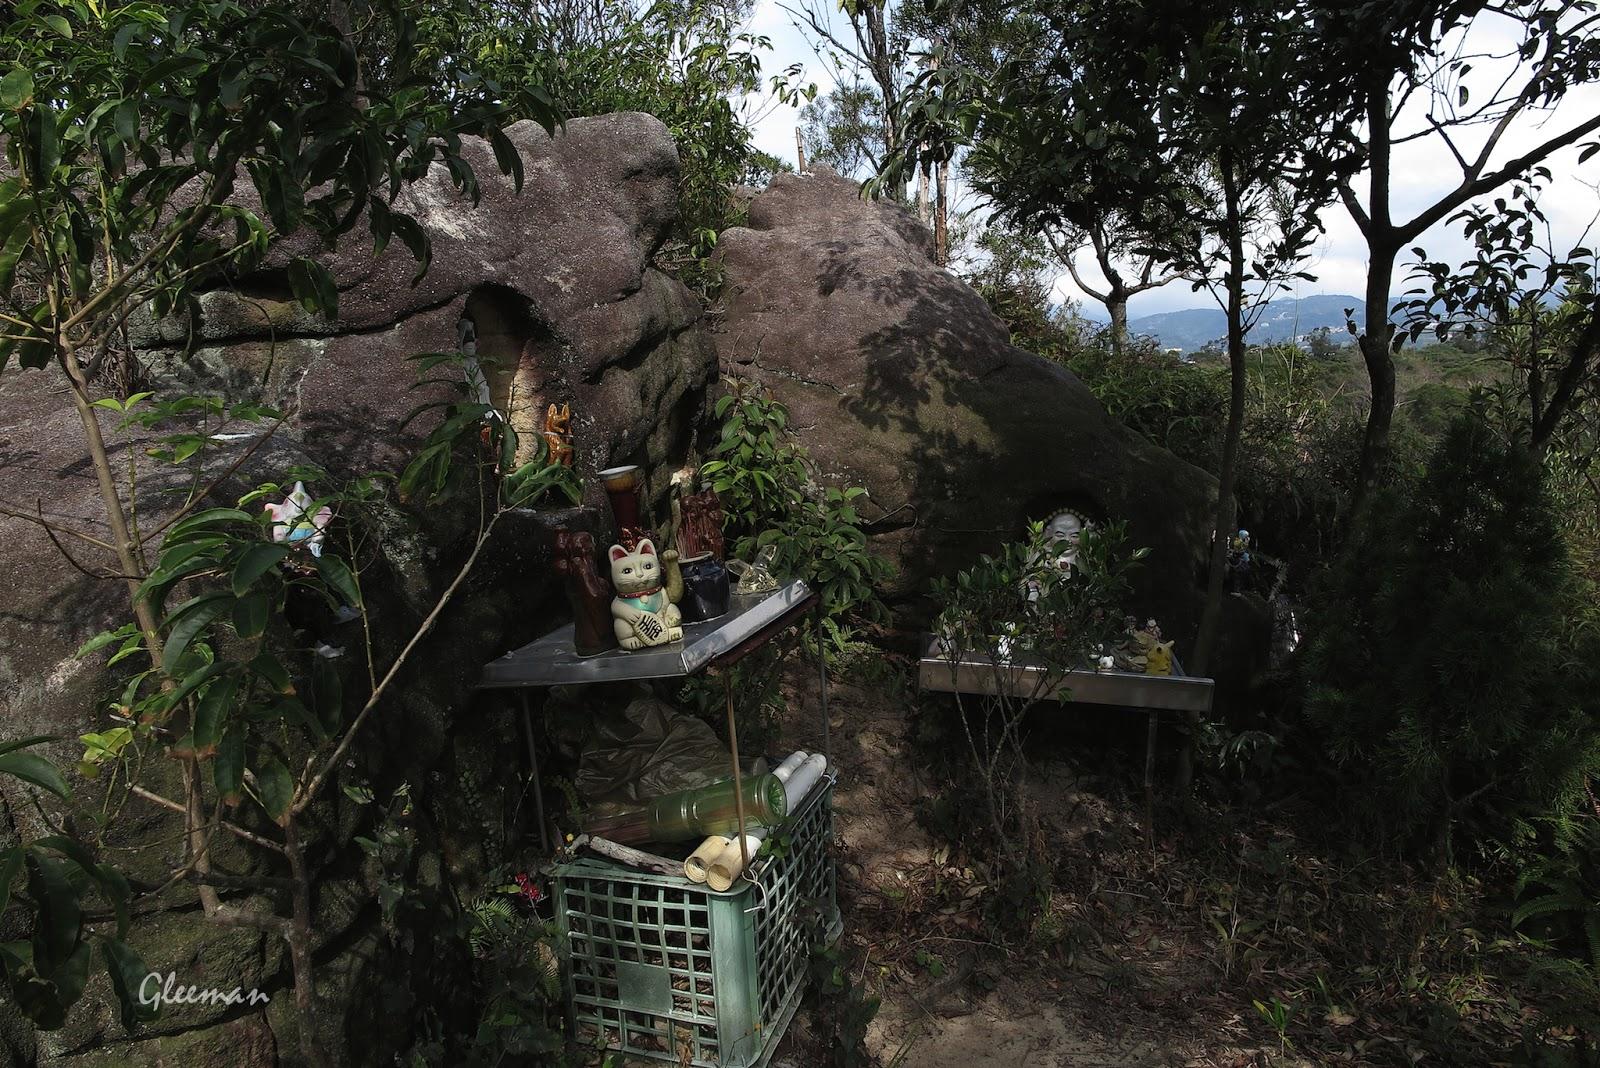 快登上山稜線時旁邊有神像及小玩偶擺飾